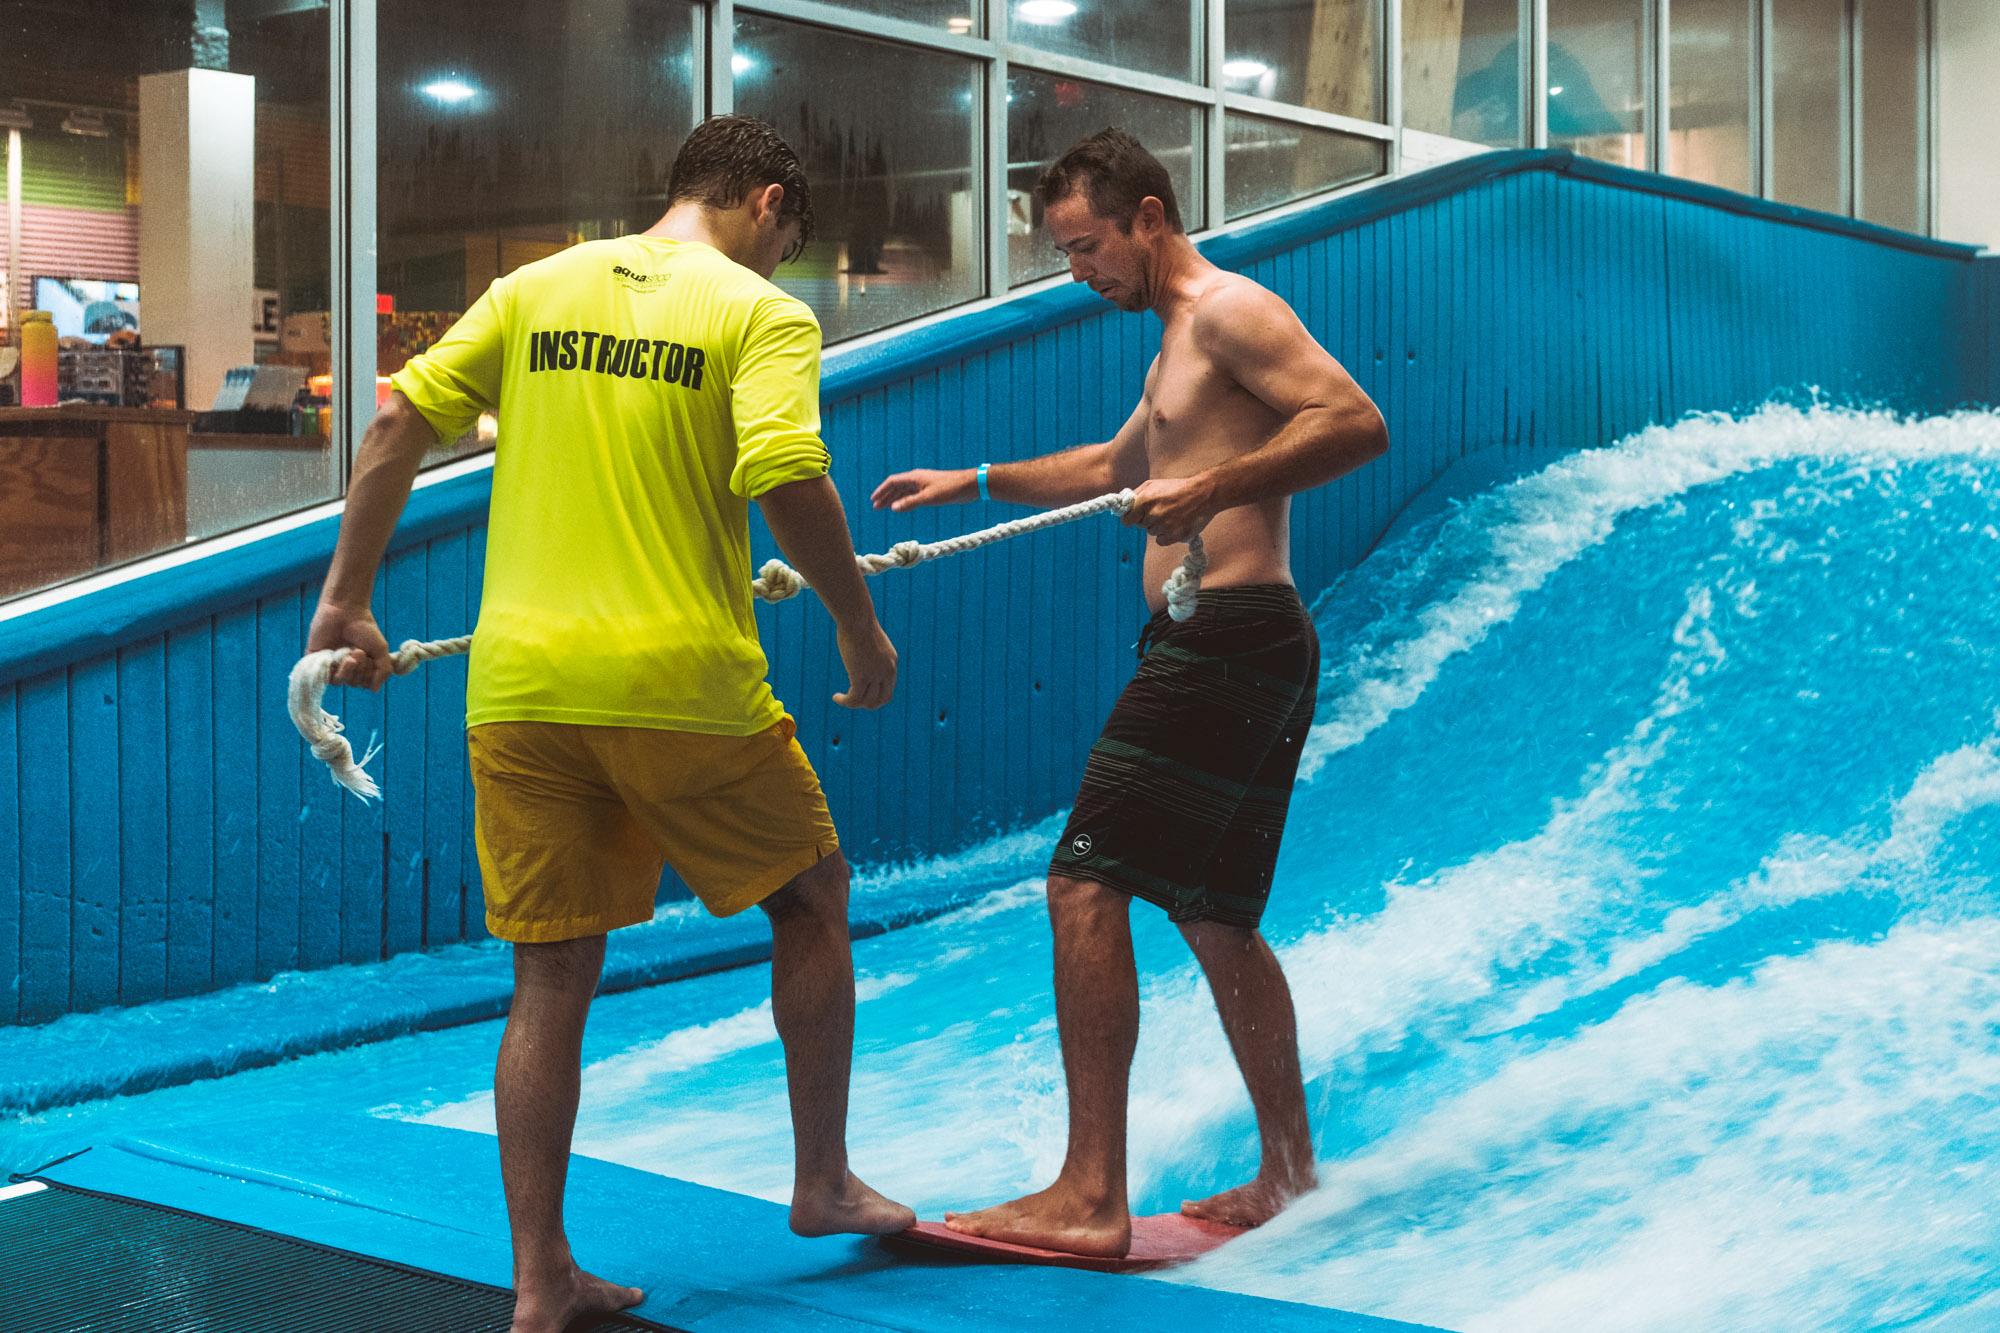 Ian Flowboarding